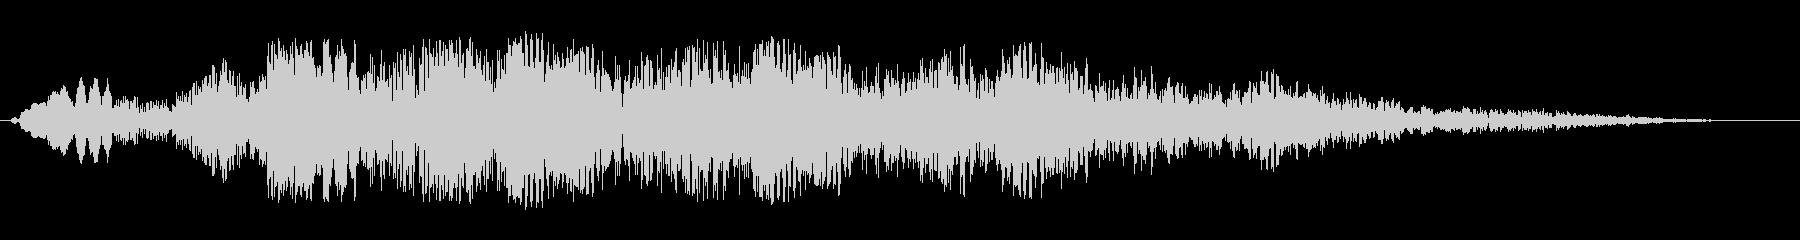 ポワワン (透明感のある神秘的な音)の未再生の波形